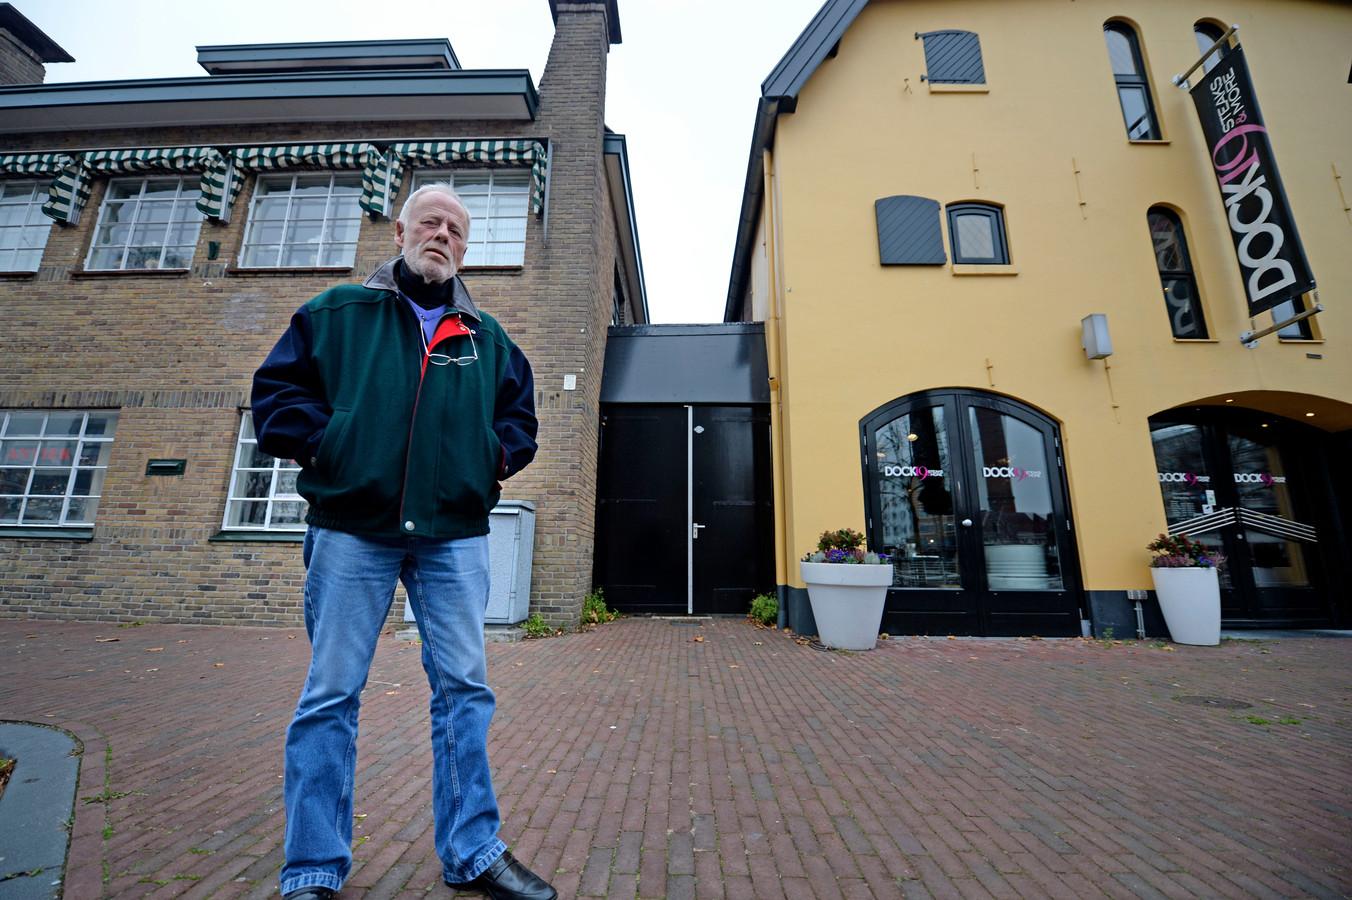 Antiekhandelaar Henk Stegehuis bij de poort tussen zijn winkel en het naastgelegen restaurant.